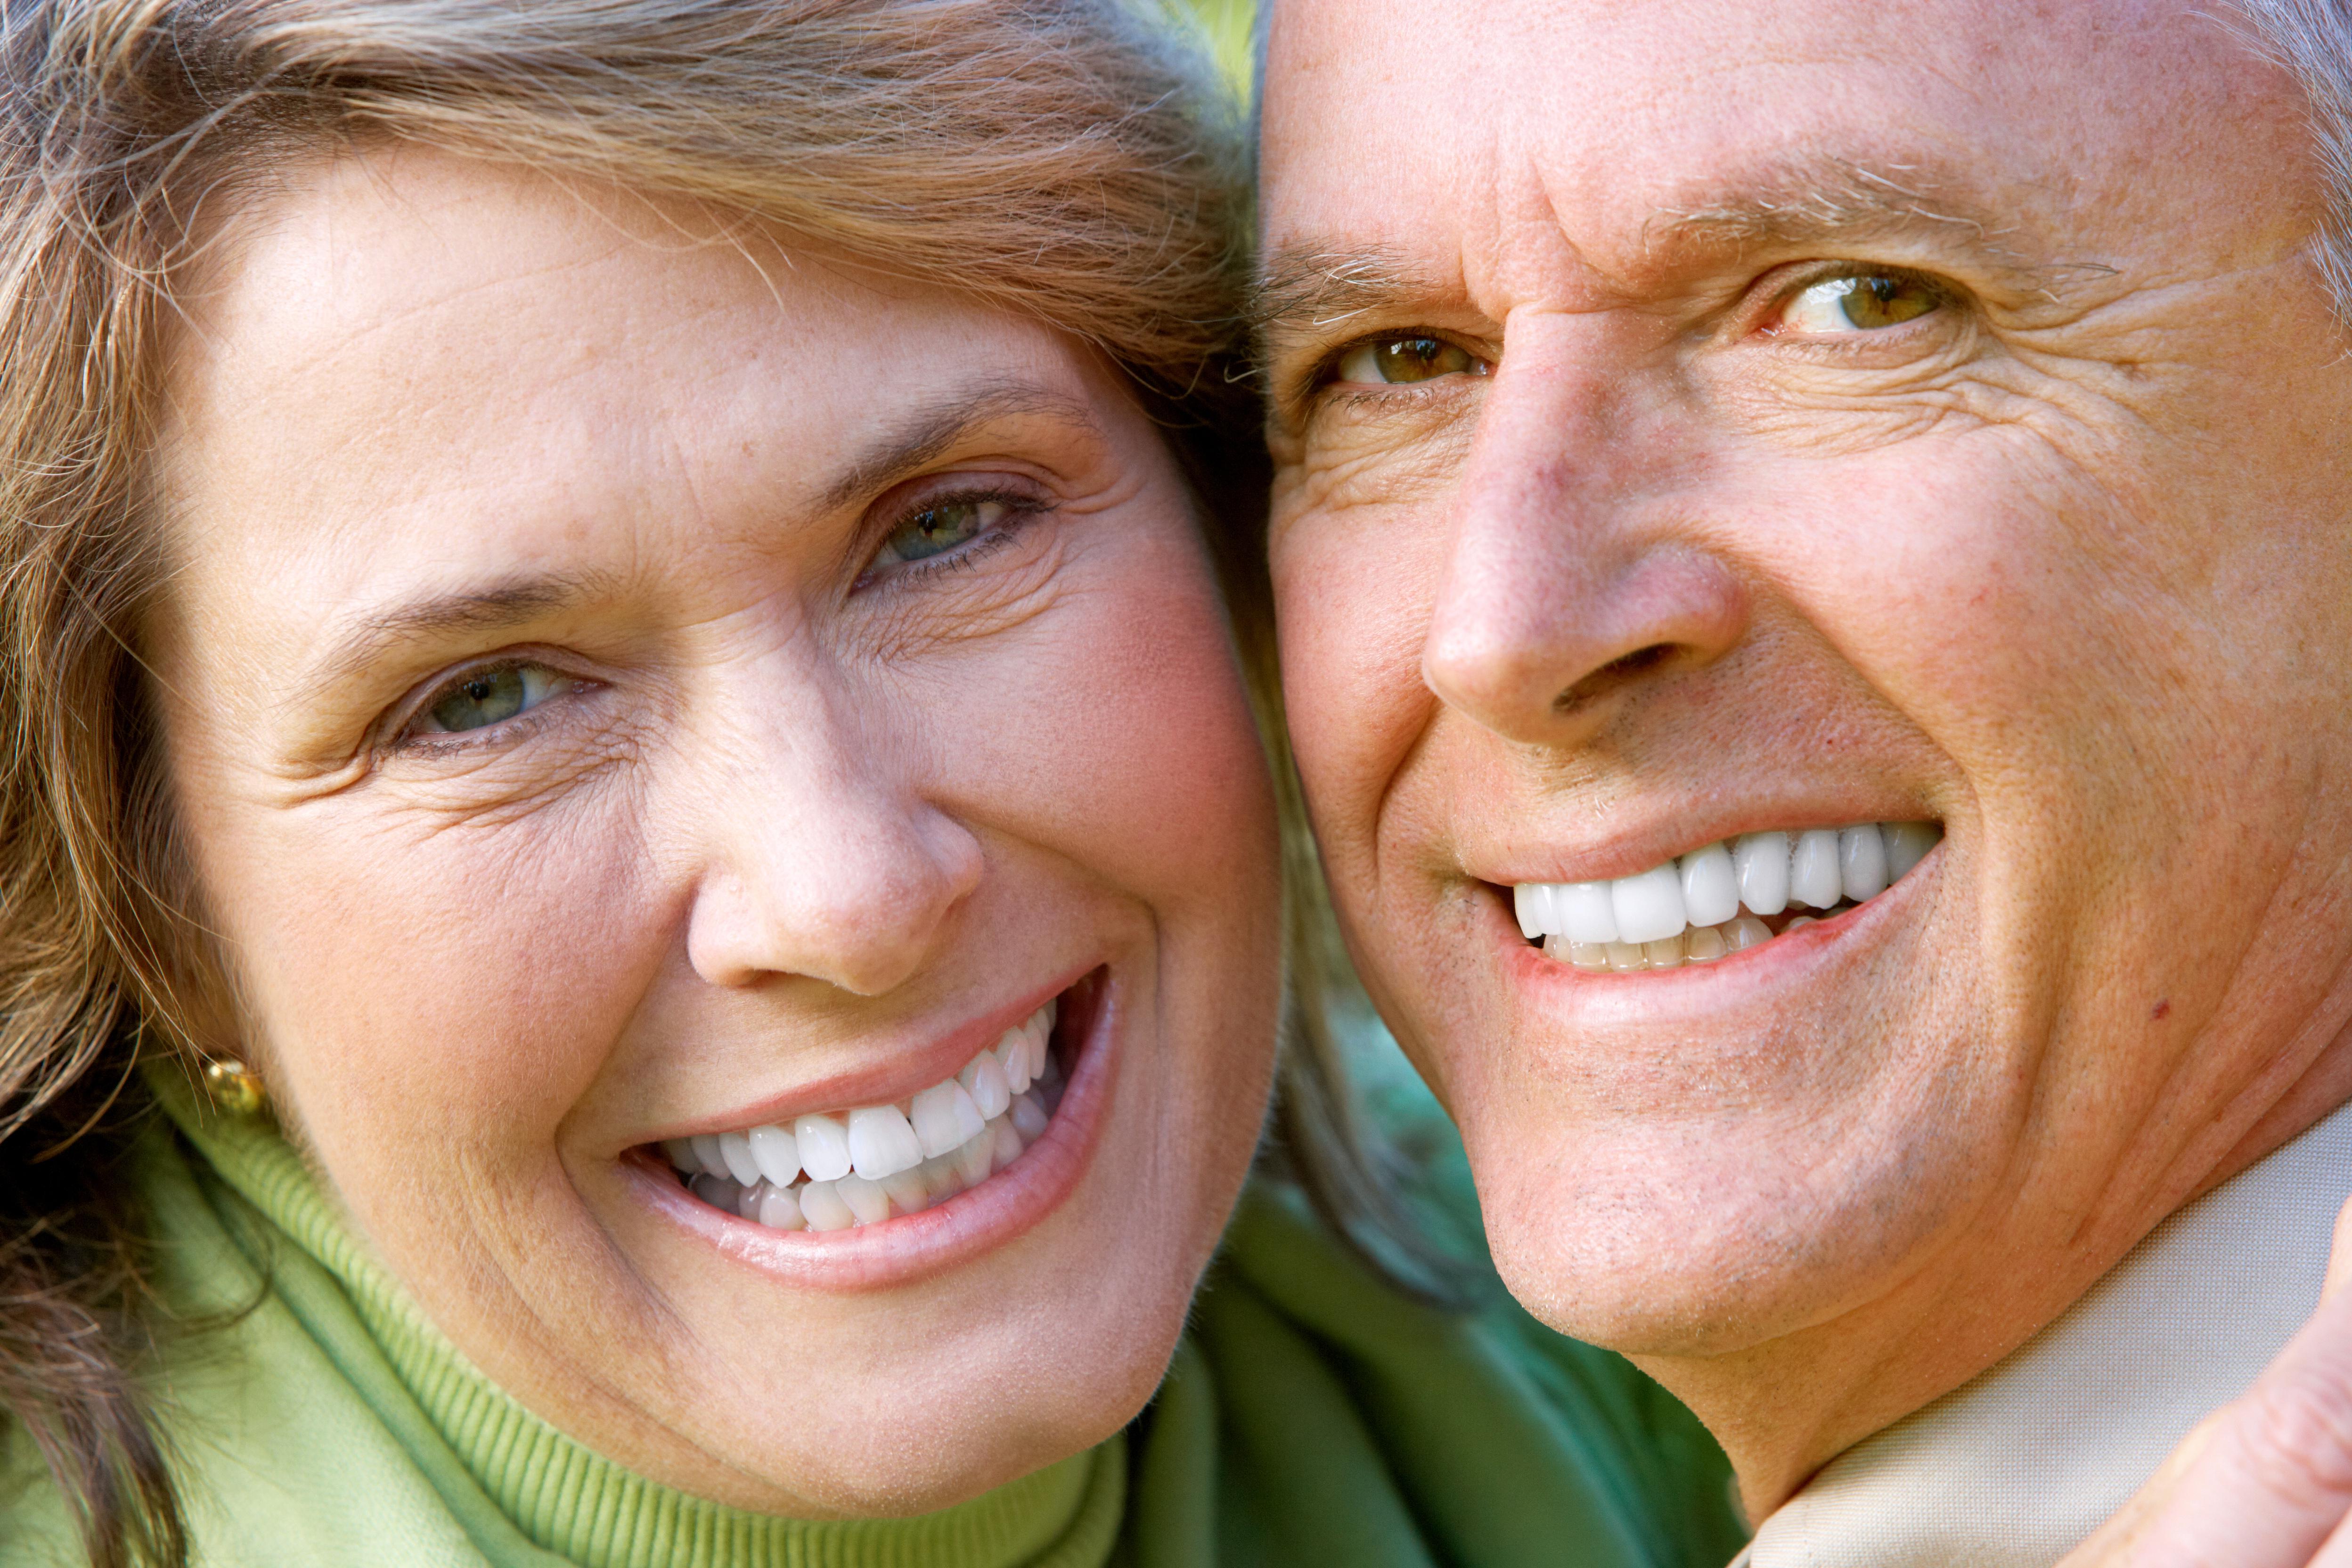 pierderea în greutate poate întârzia menopauză de ce adulții în vârstă pierd în greutate